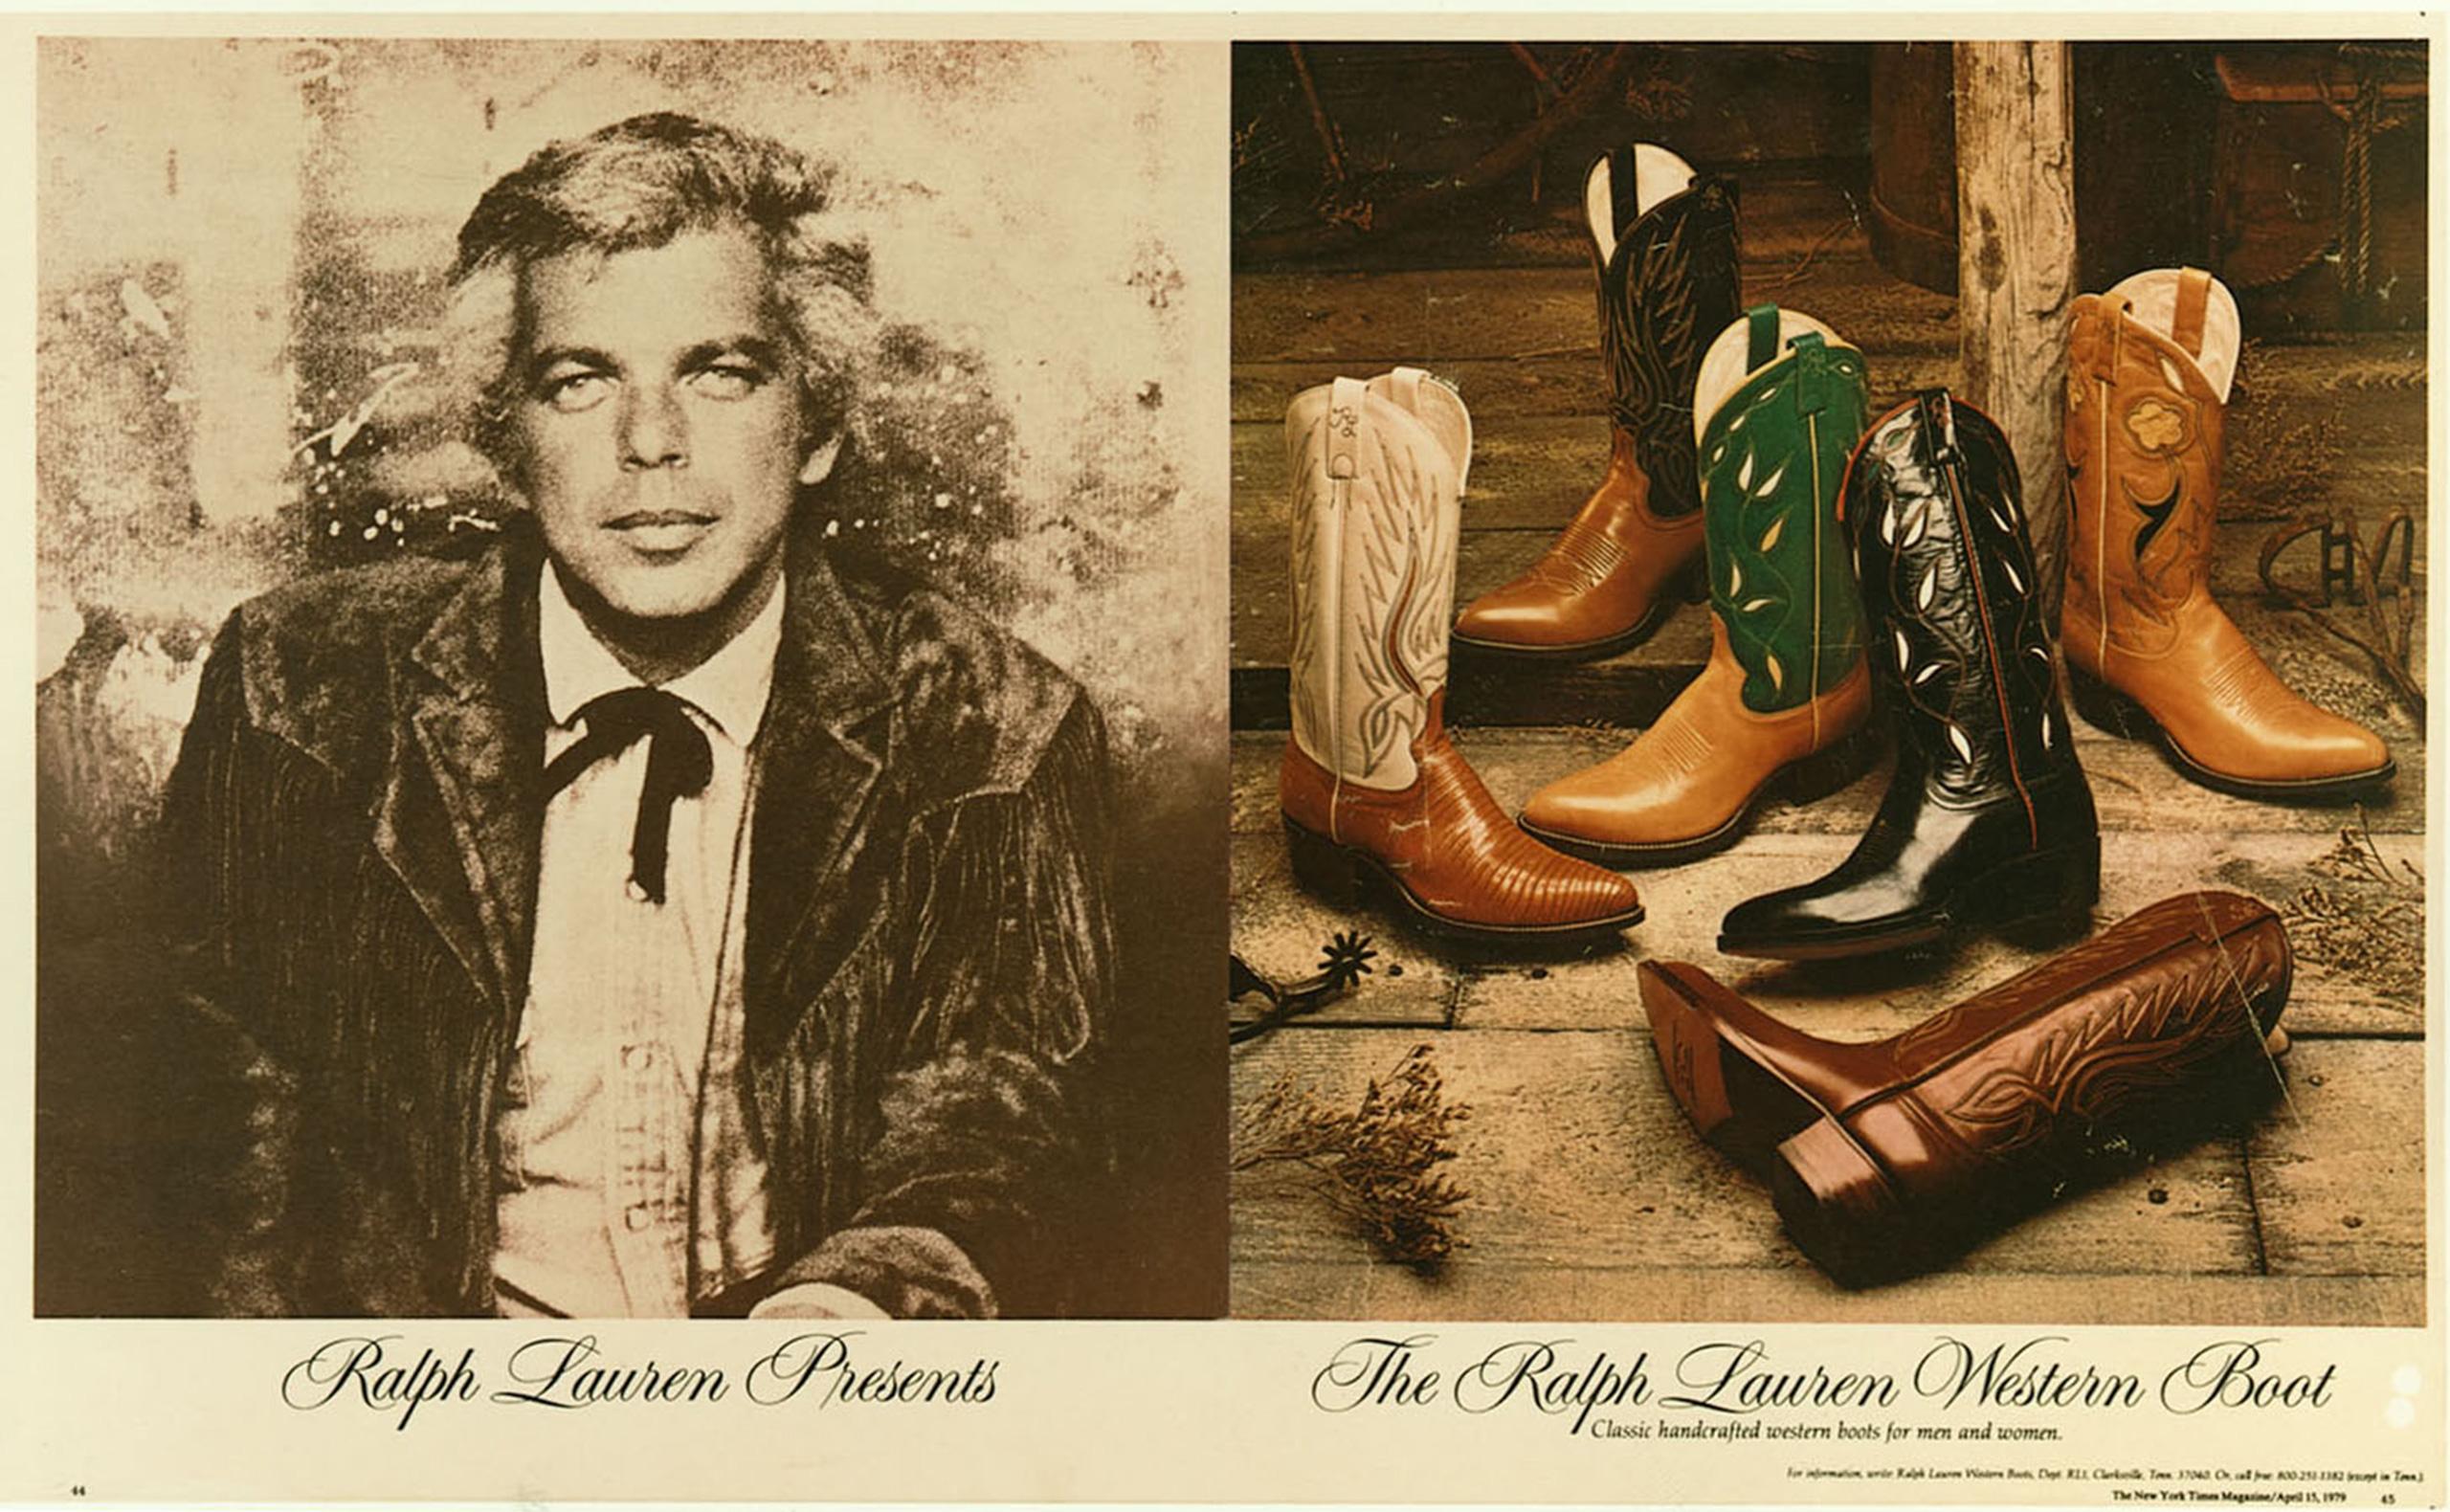 Polo Western était avant tout une marque de denim, dans la tradition du  style workwear américain — un denim authentique, confortable et intemporel  aux ... 6dc273241c6f